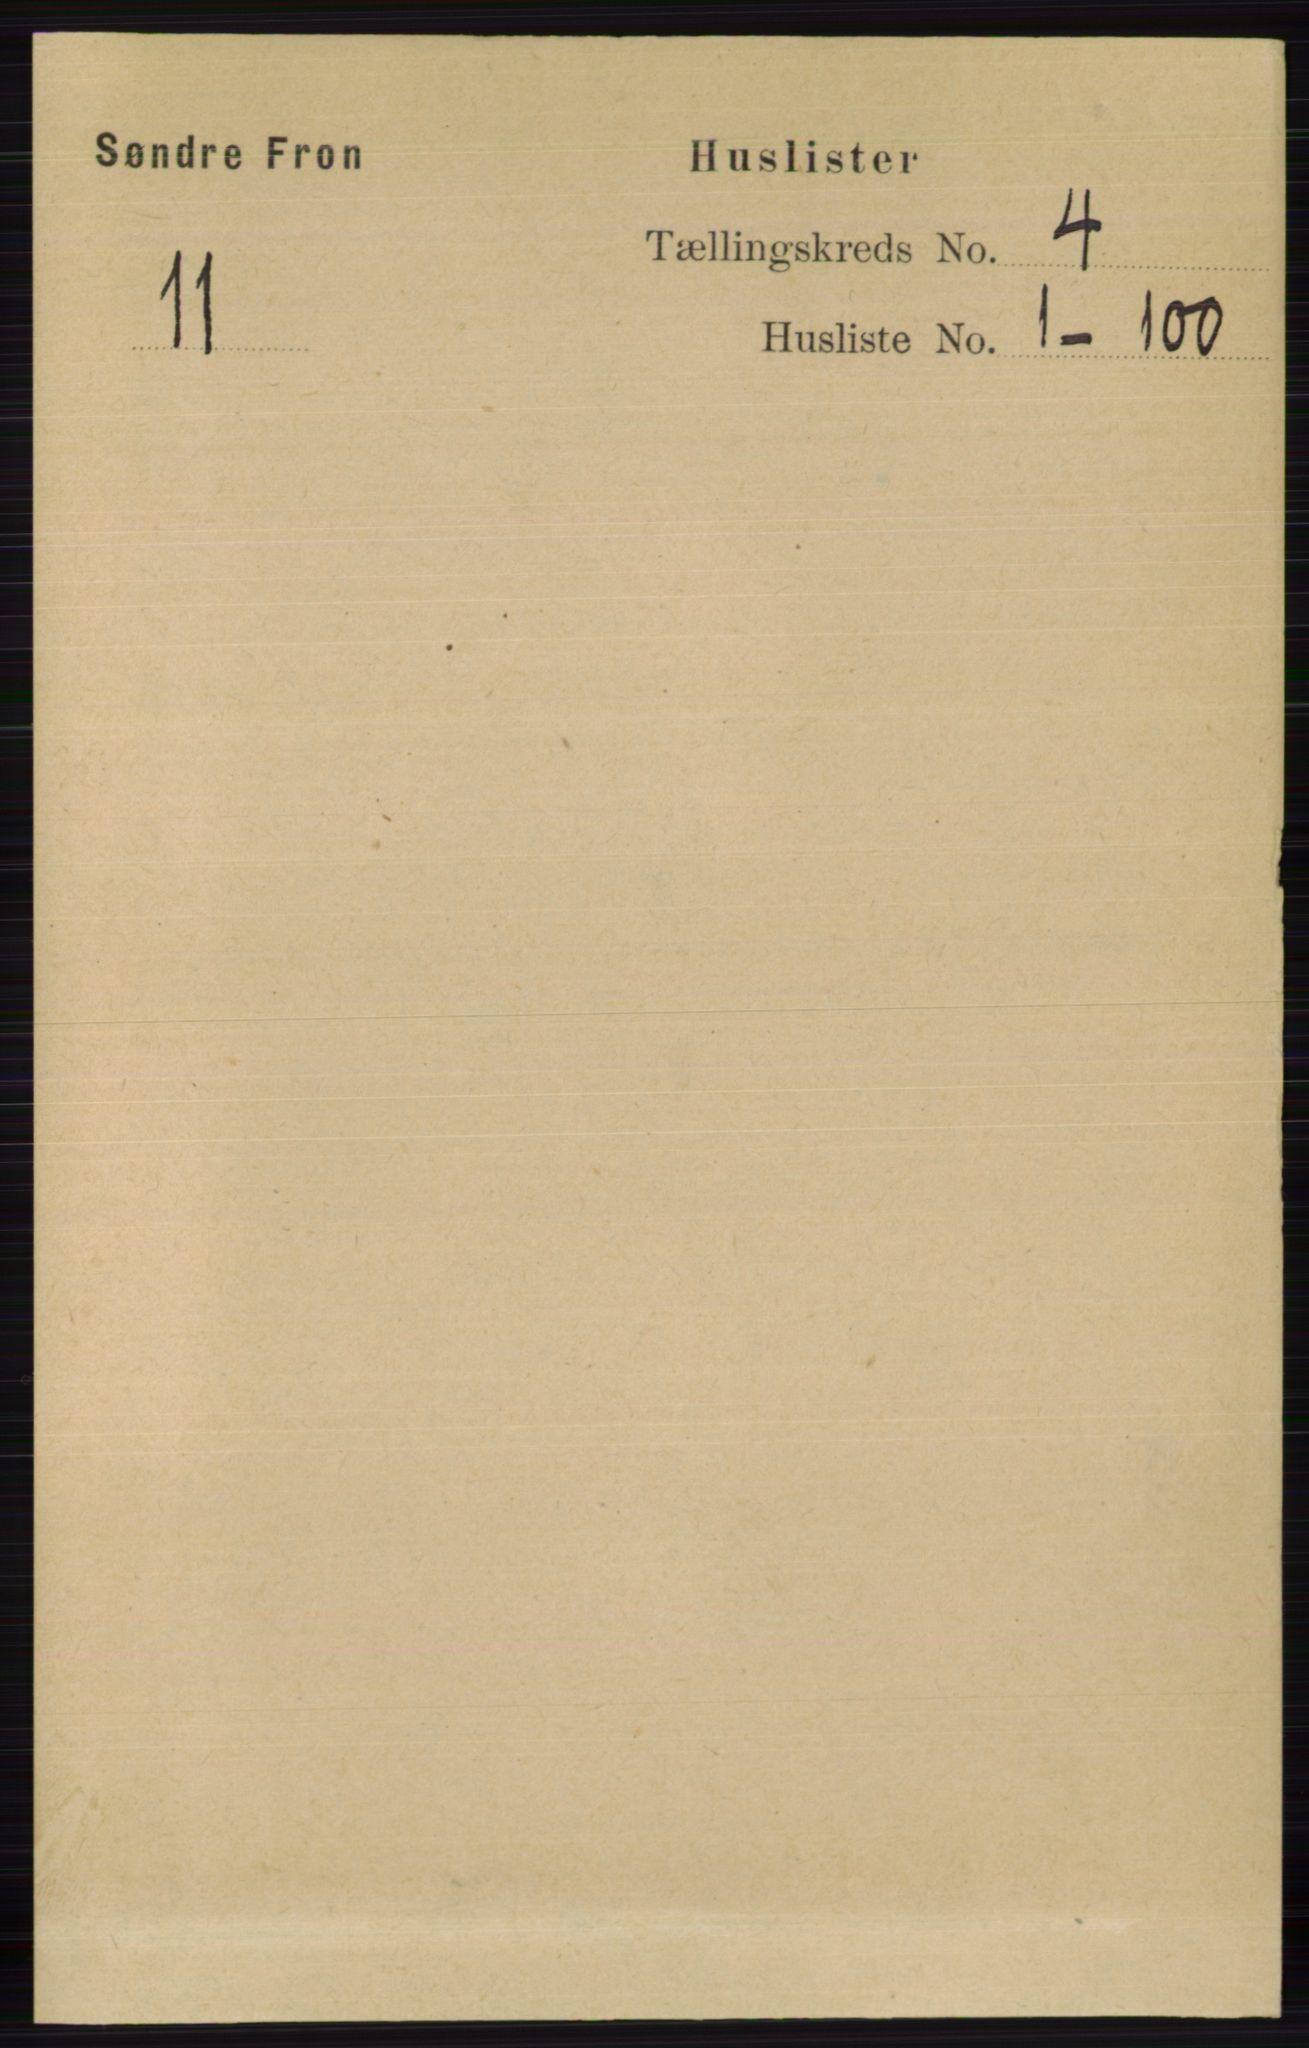 RA, Folketelling 1891 for 0519 Sør-Fron herred, 1891, s. 1311